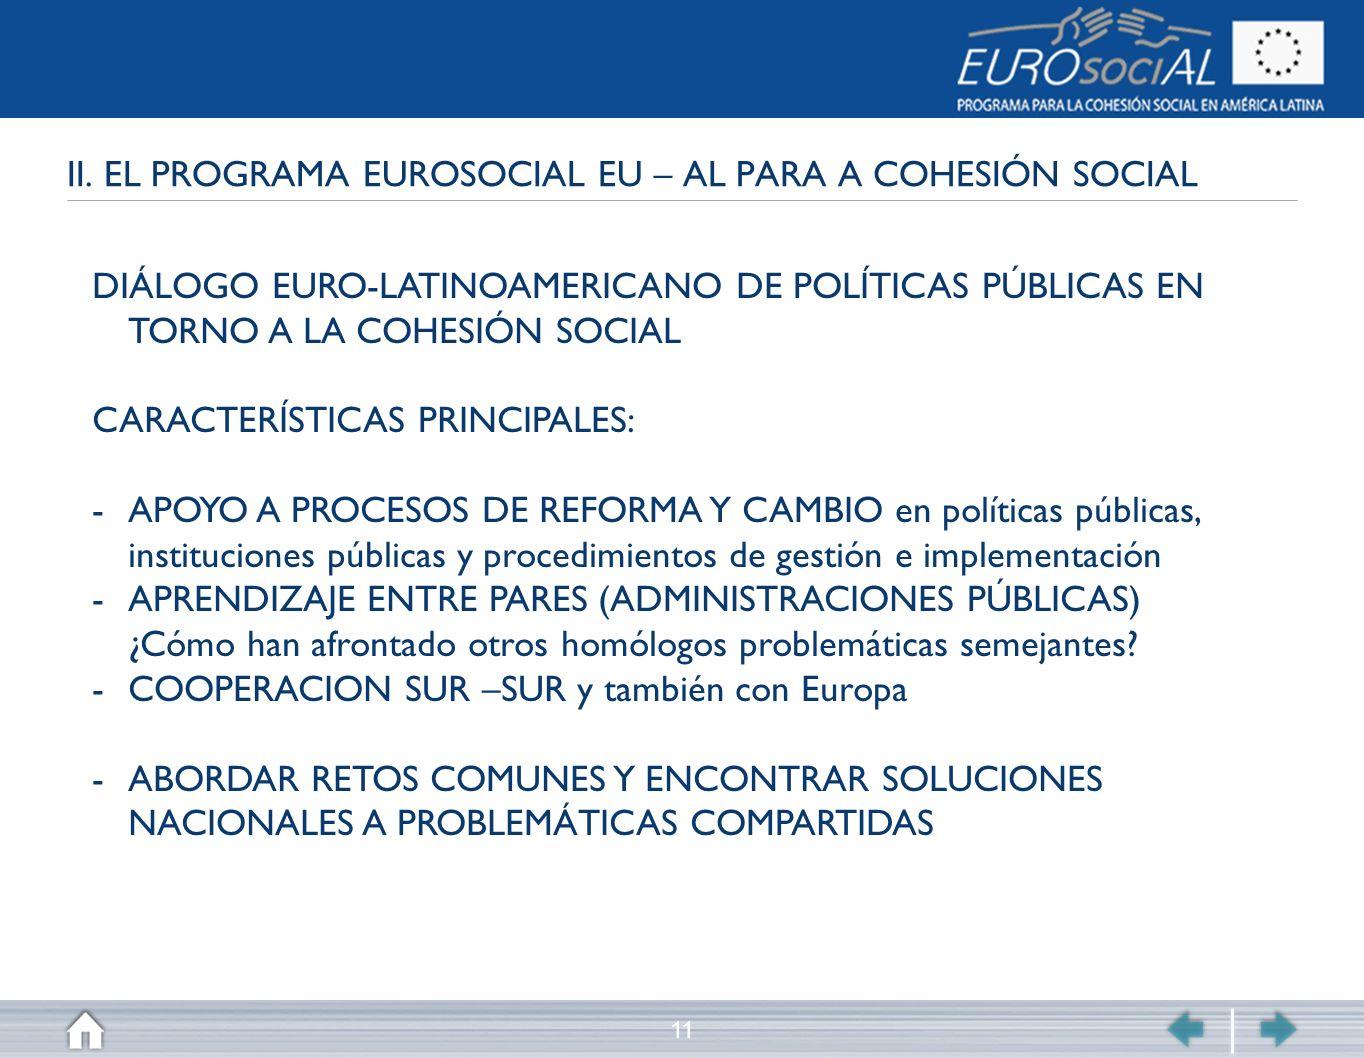 11 II. EL PROGRAMA EUROSOCIAL EU – AL PARA A COHESIÓN SOCIAL DIÁLOGO EURO-LATINOAMERICANO DE POLÍTICAS PÚBLICAS EN TORNO A LA COHESIÓN SOCIAL CARACTER